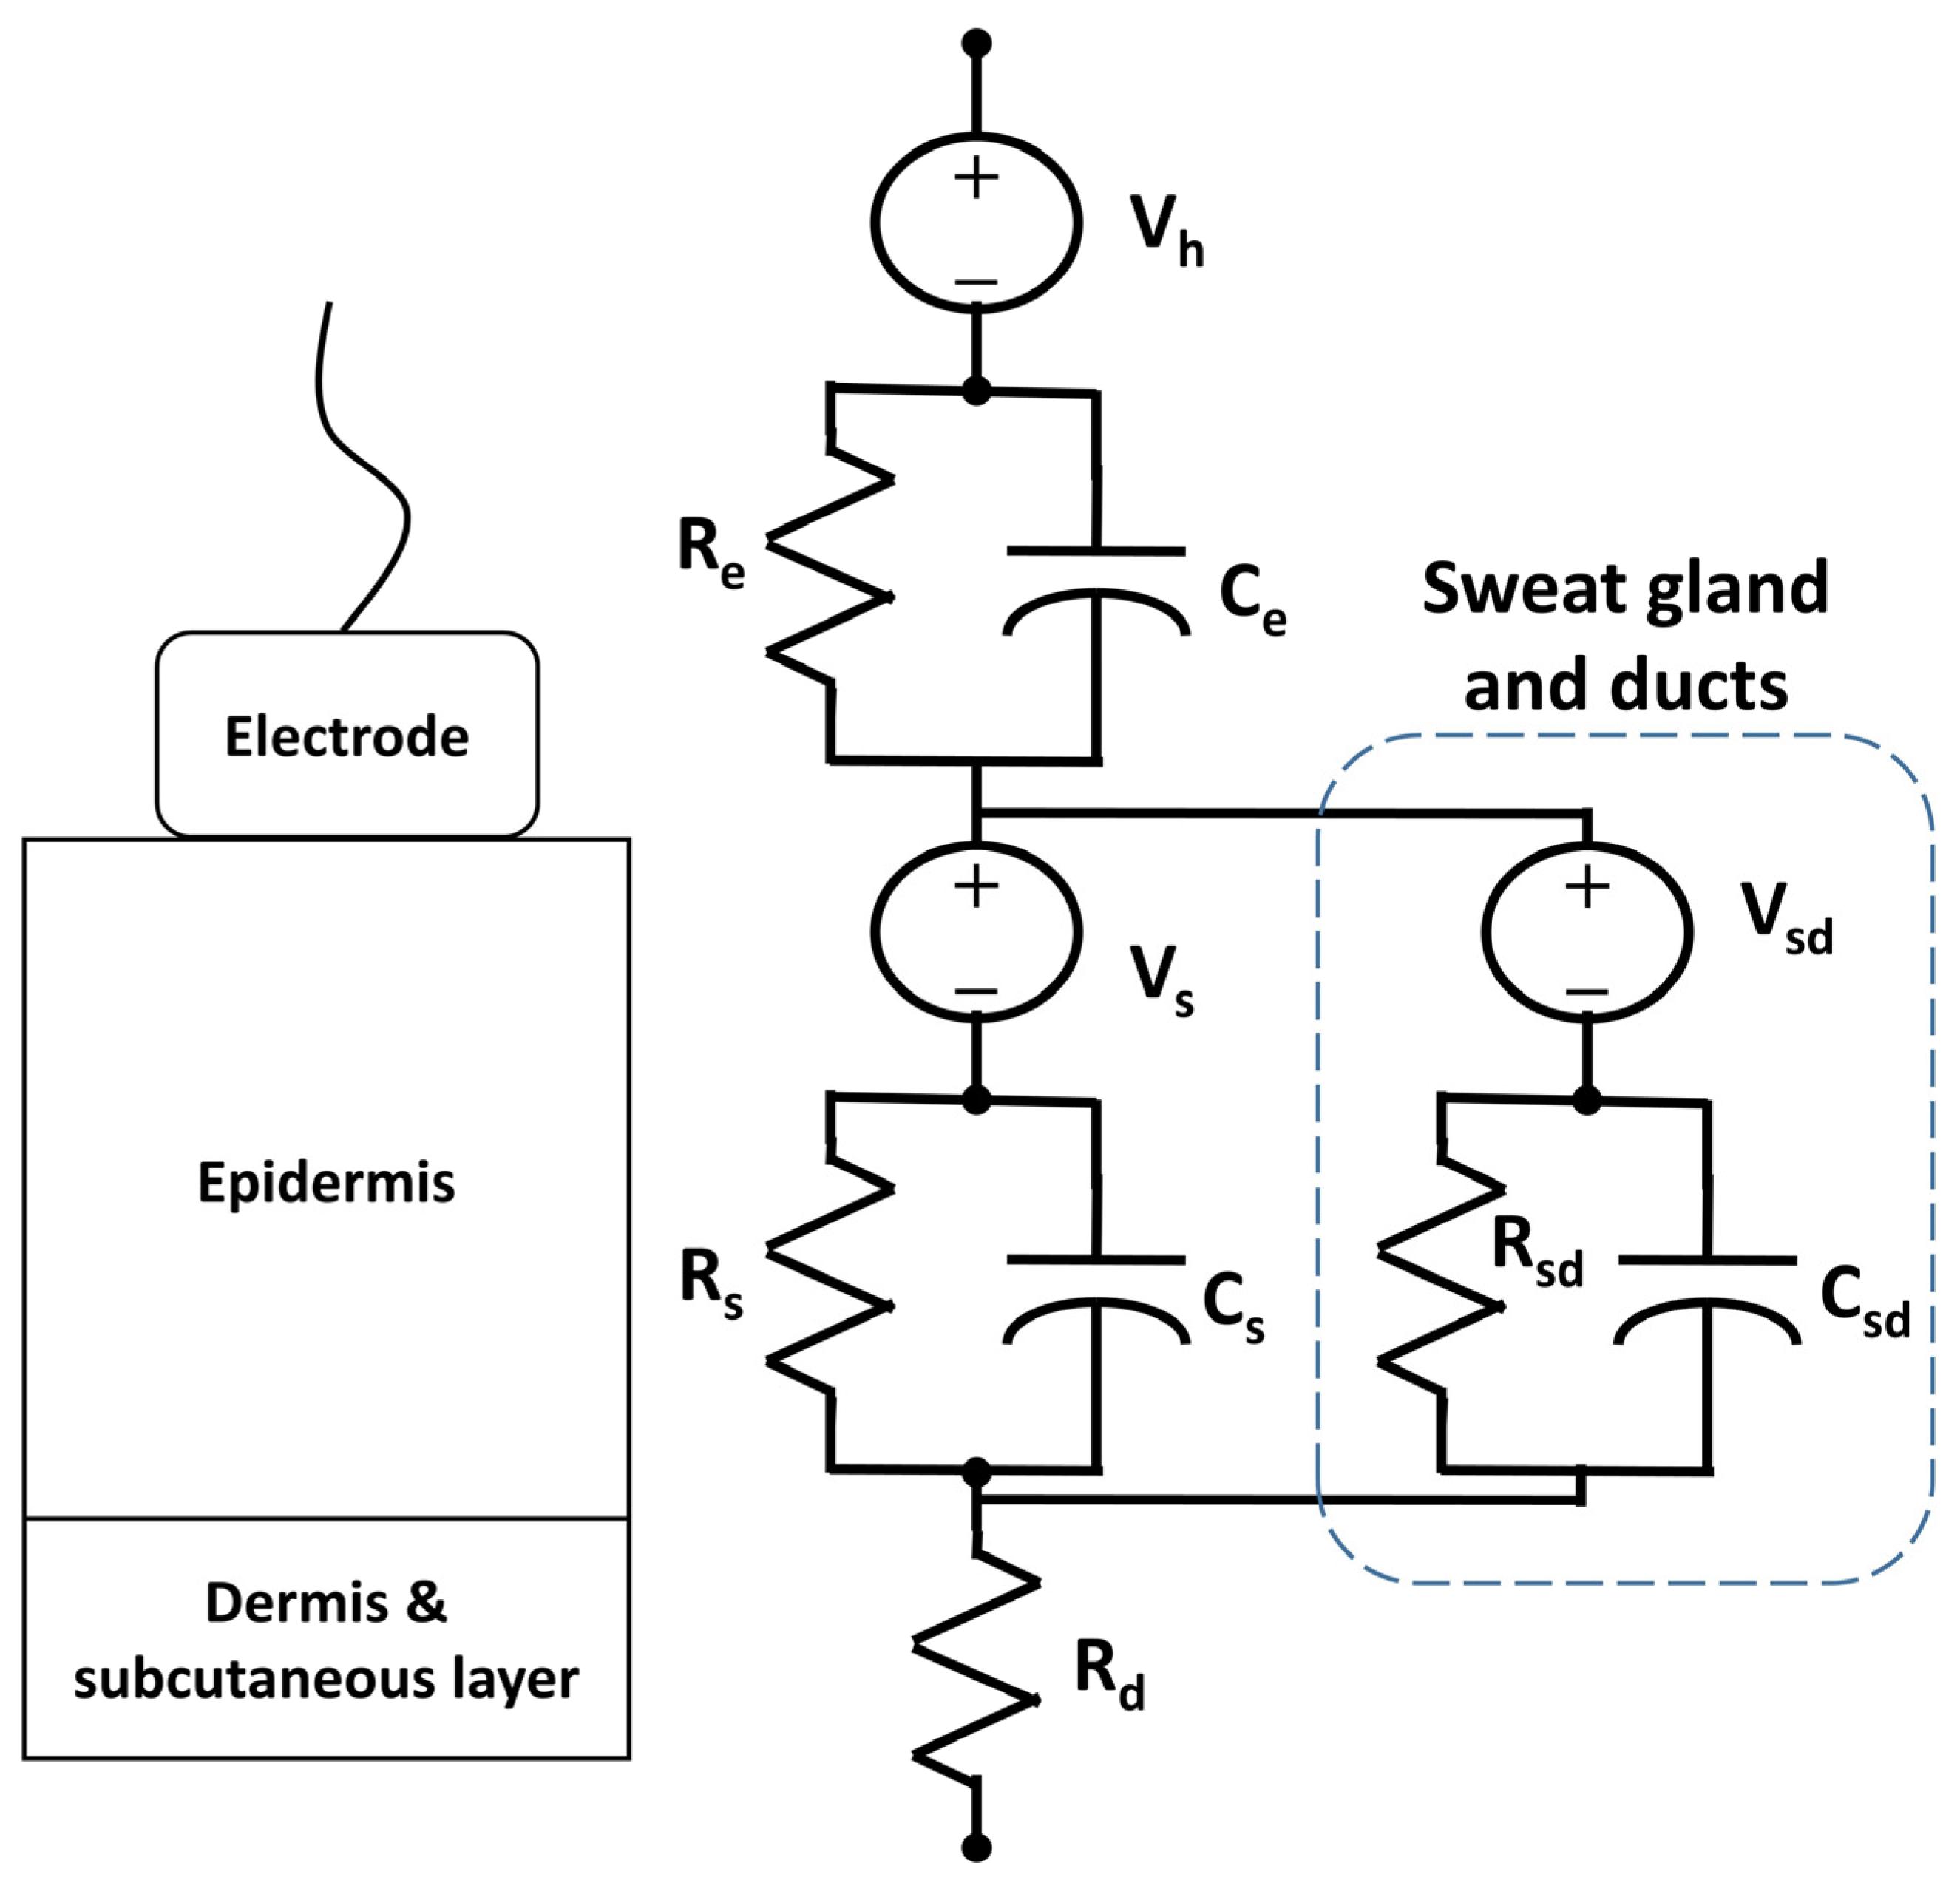 homeostasis negative feedback loop sweating in wiring diagrams